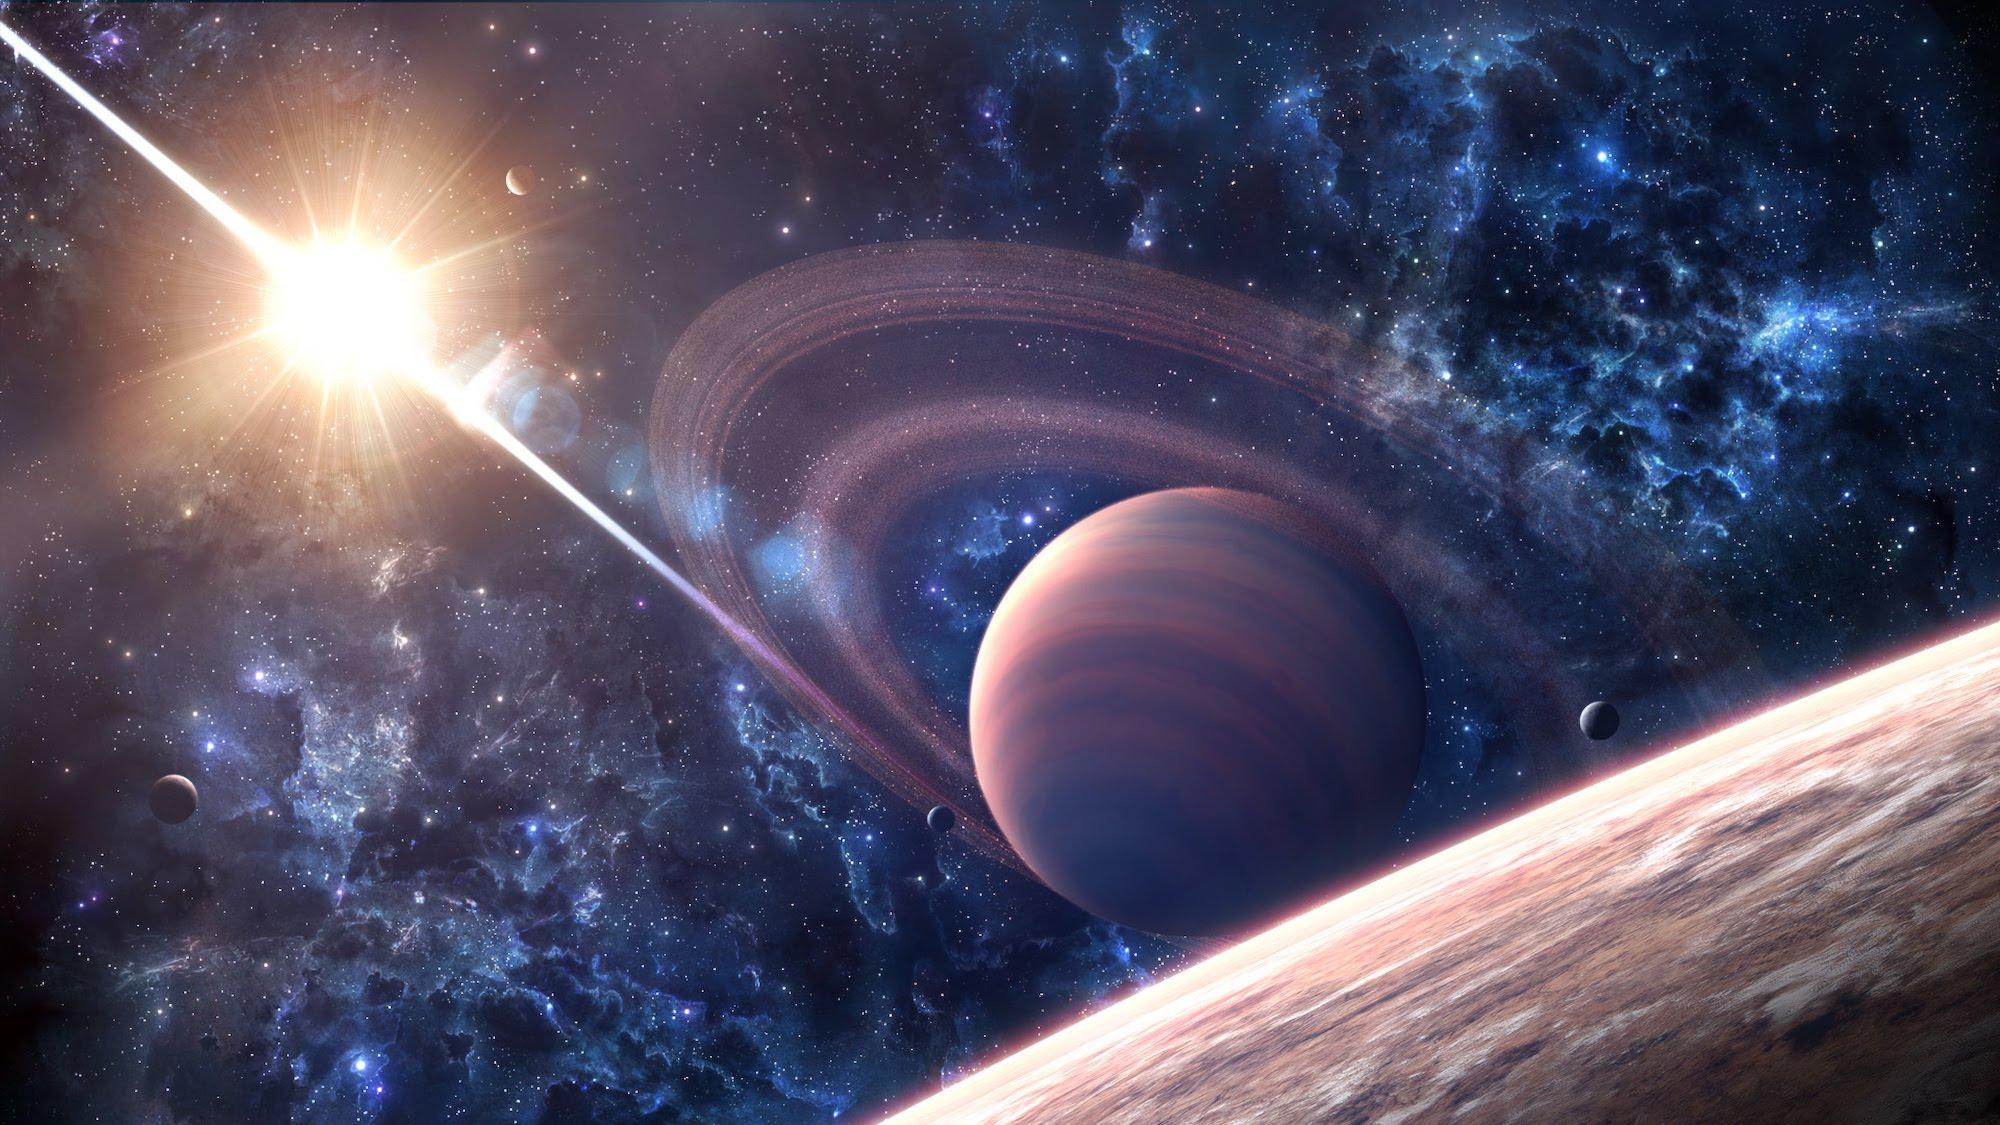 Планеты Сатурн и Уран в «попятном движении» в 2017 году. Заметки астролога.